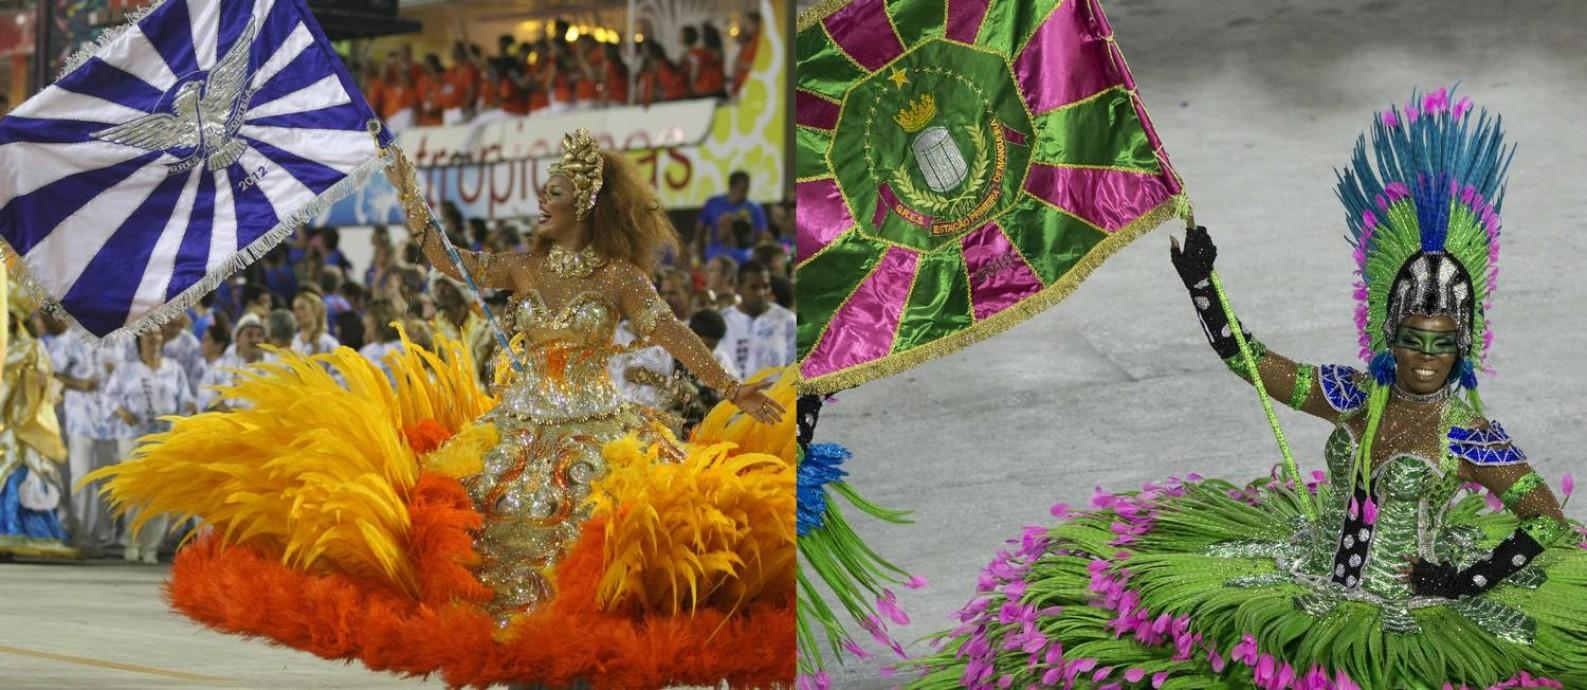 Lucinha Nobre e Squel: porta-bandeiras da Portela em 2012 e da Mangueira em 2019, respectivamente Foto: Arquivo